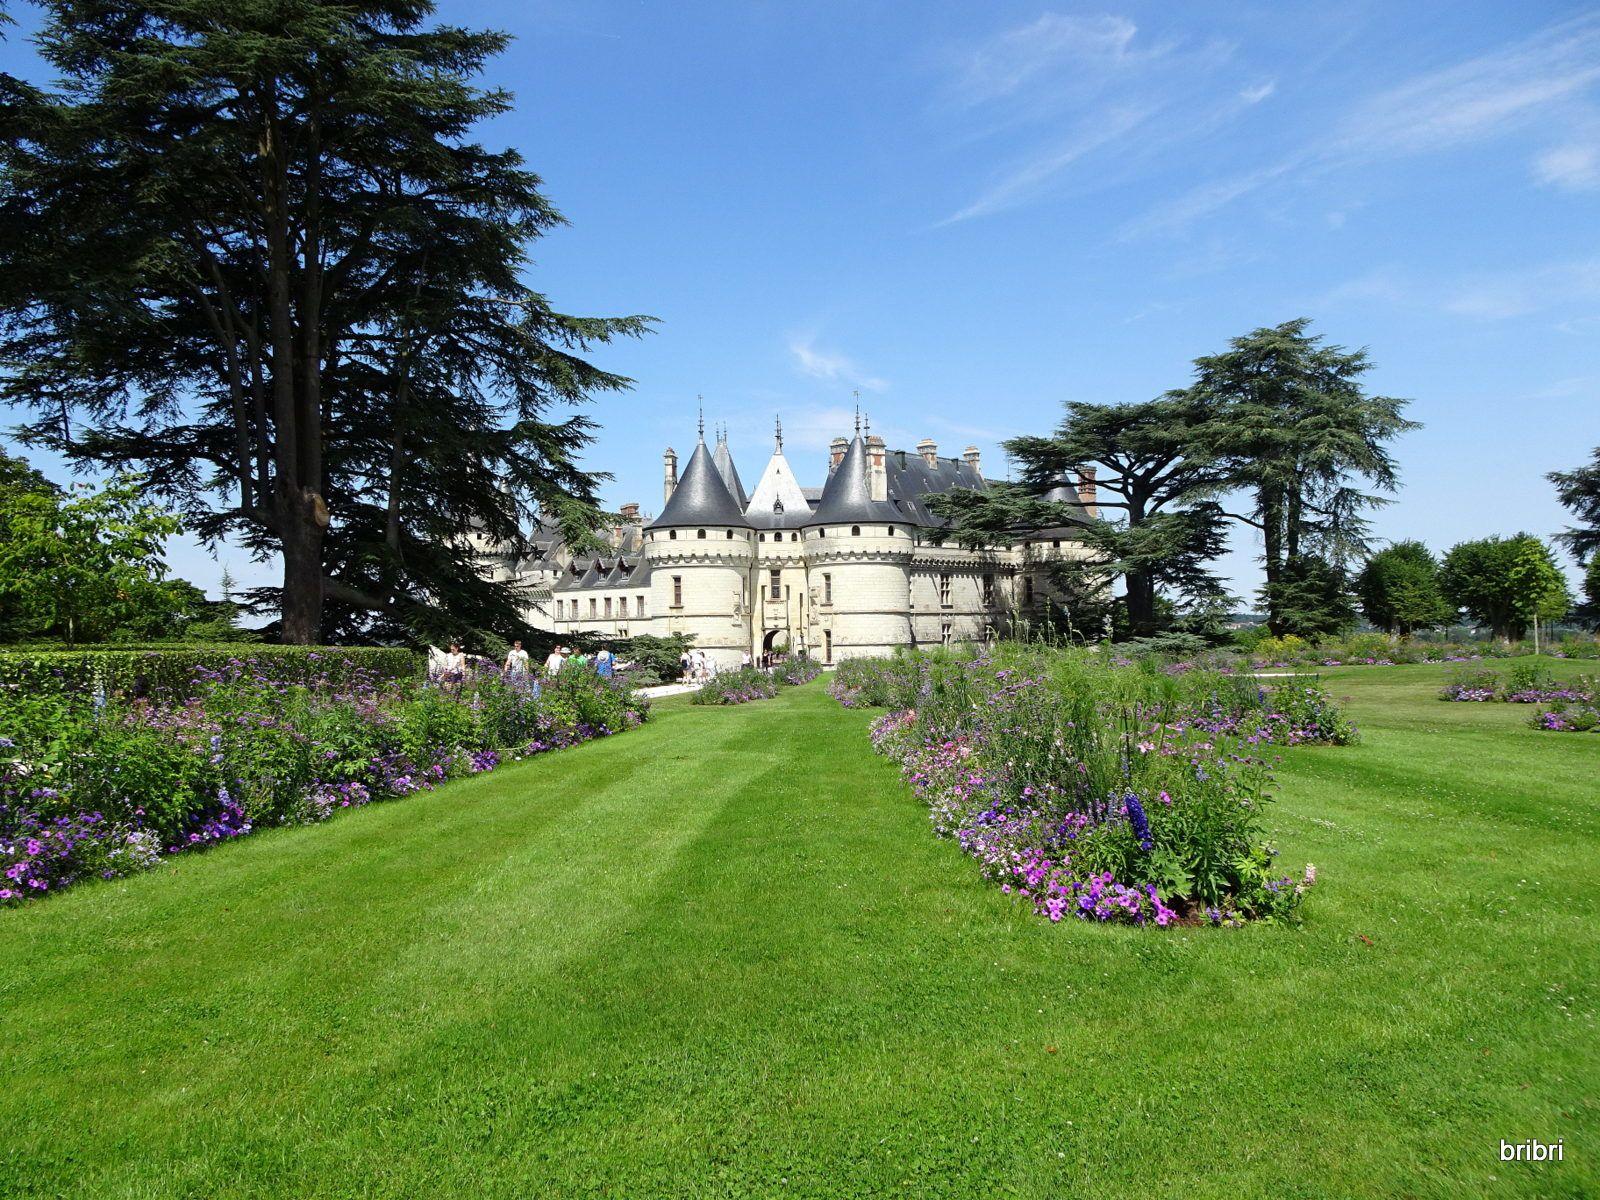 On va jusqu'au point de vue dans les jardins qui entourent le château, mais quelle chaleur !